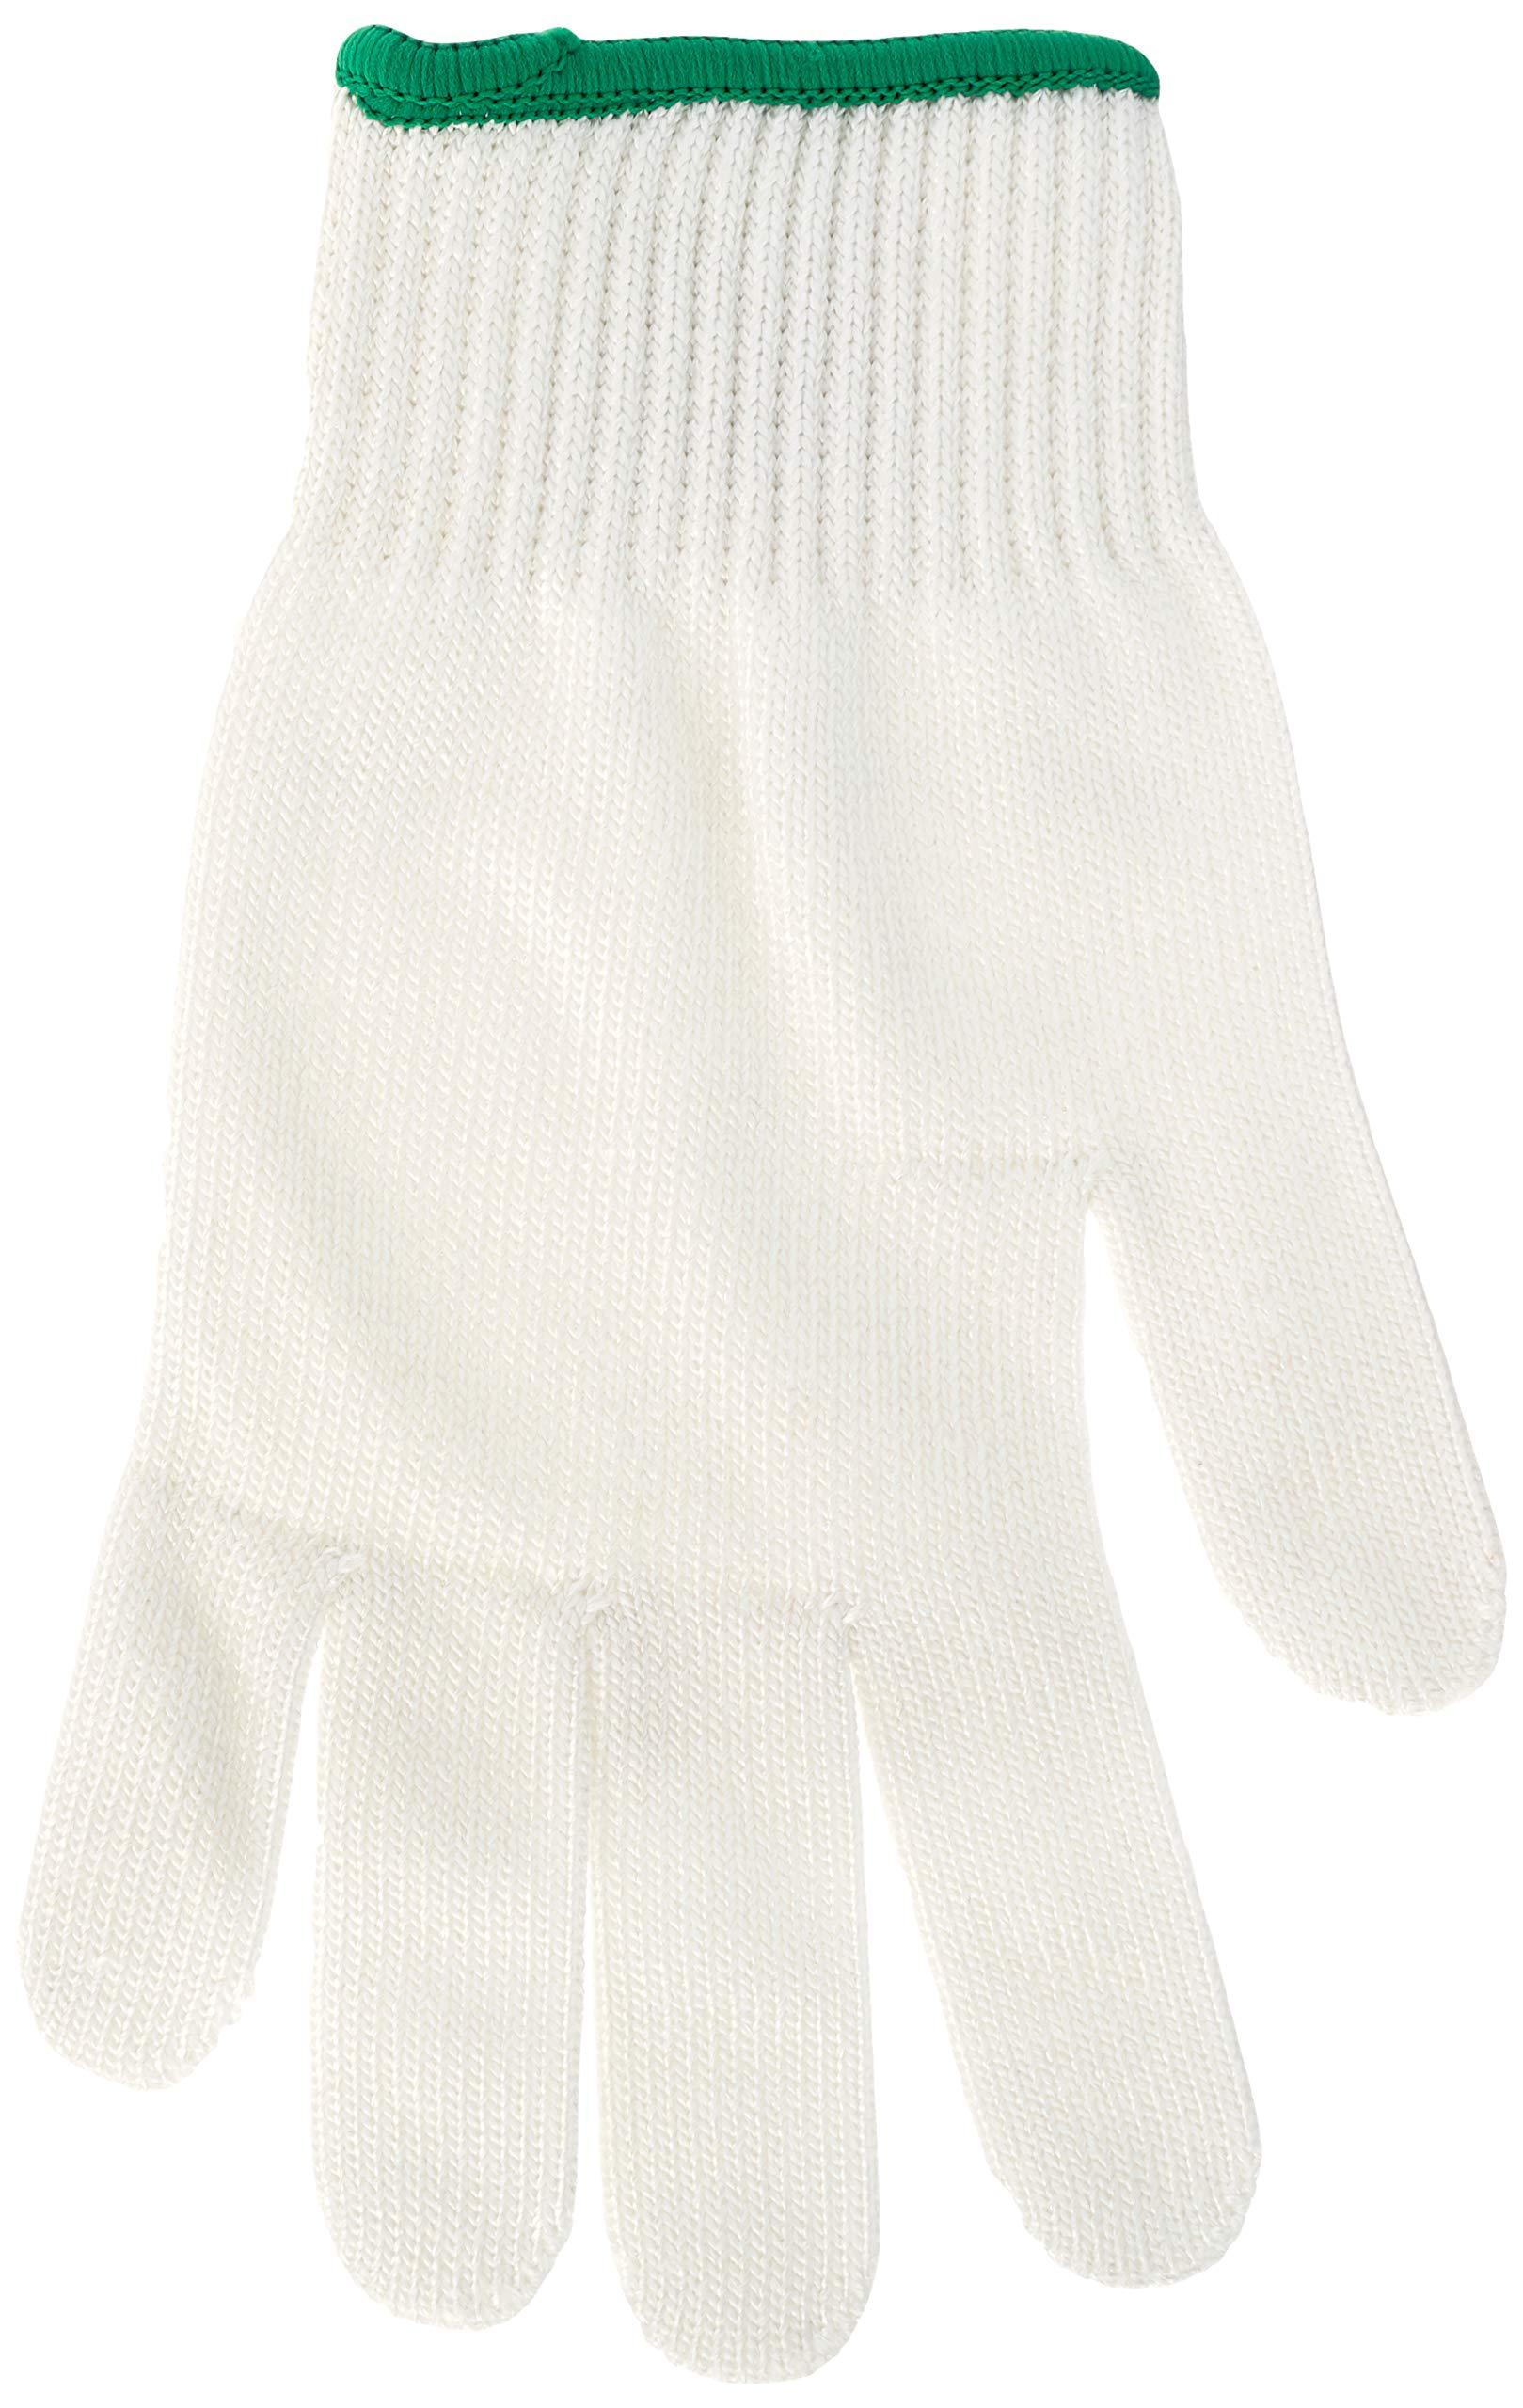 Mercer Culinary M33413M Millennia Level A5 Cut Glove, Medium, White